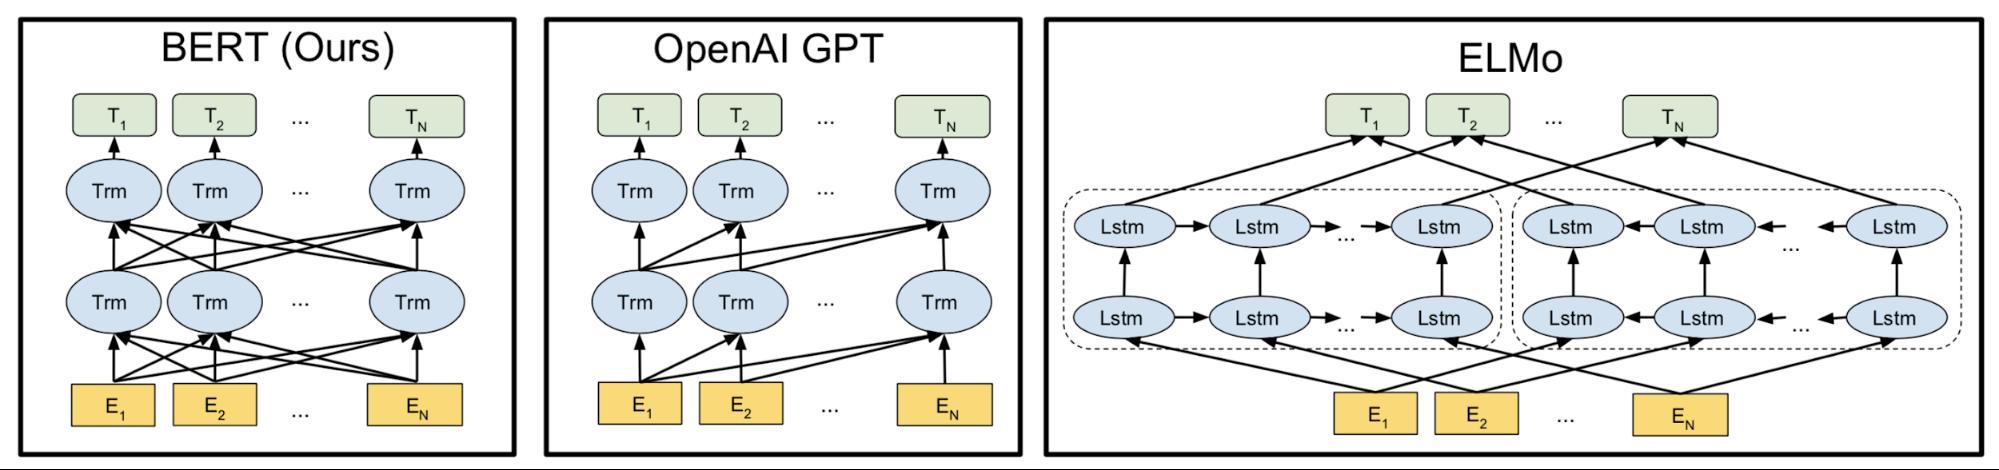 Language model comparison